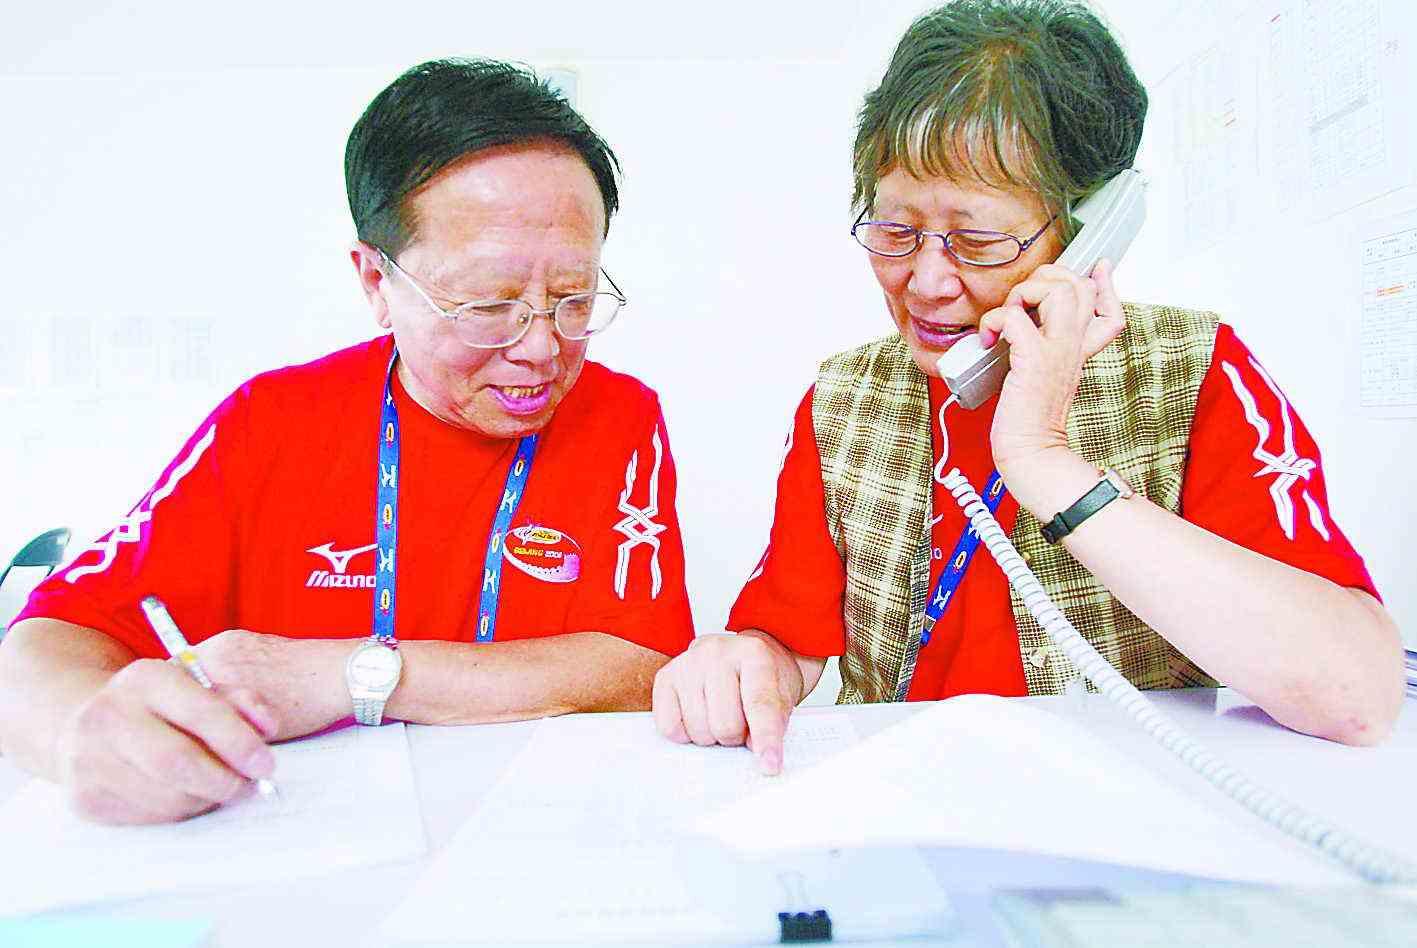 老年志愿者服务社区 别样风景暖人心